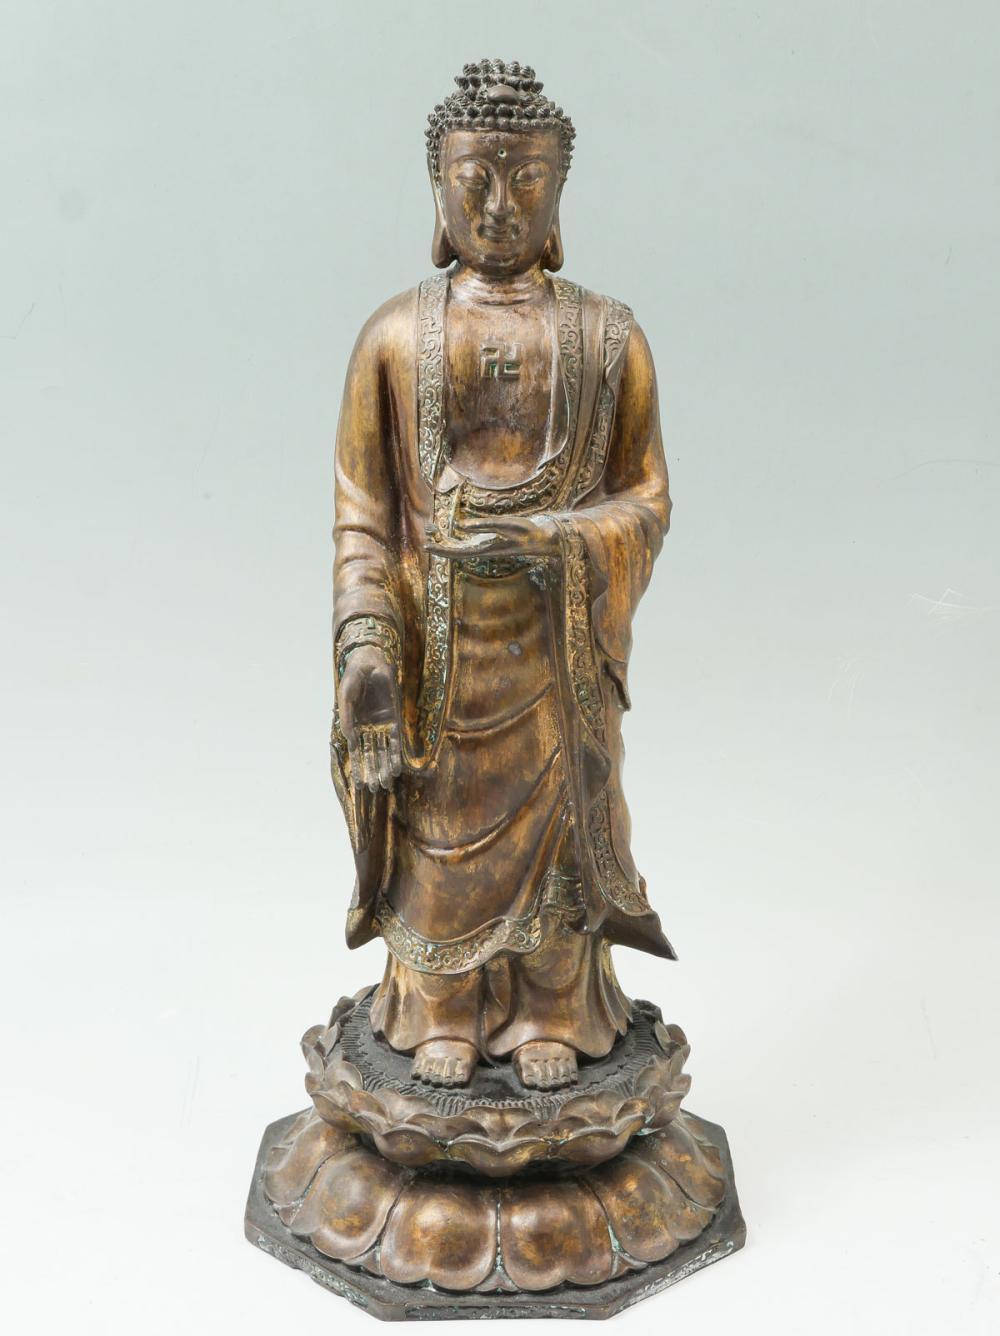 19TH CENTURY BRONZE SINO-TIBETAN BUDDHA